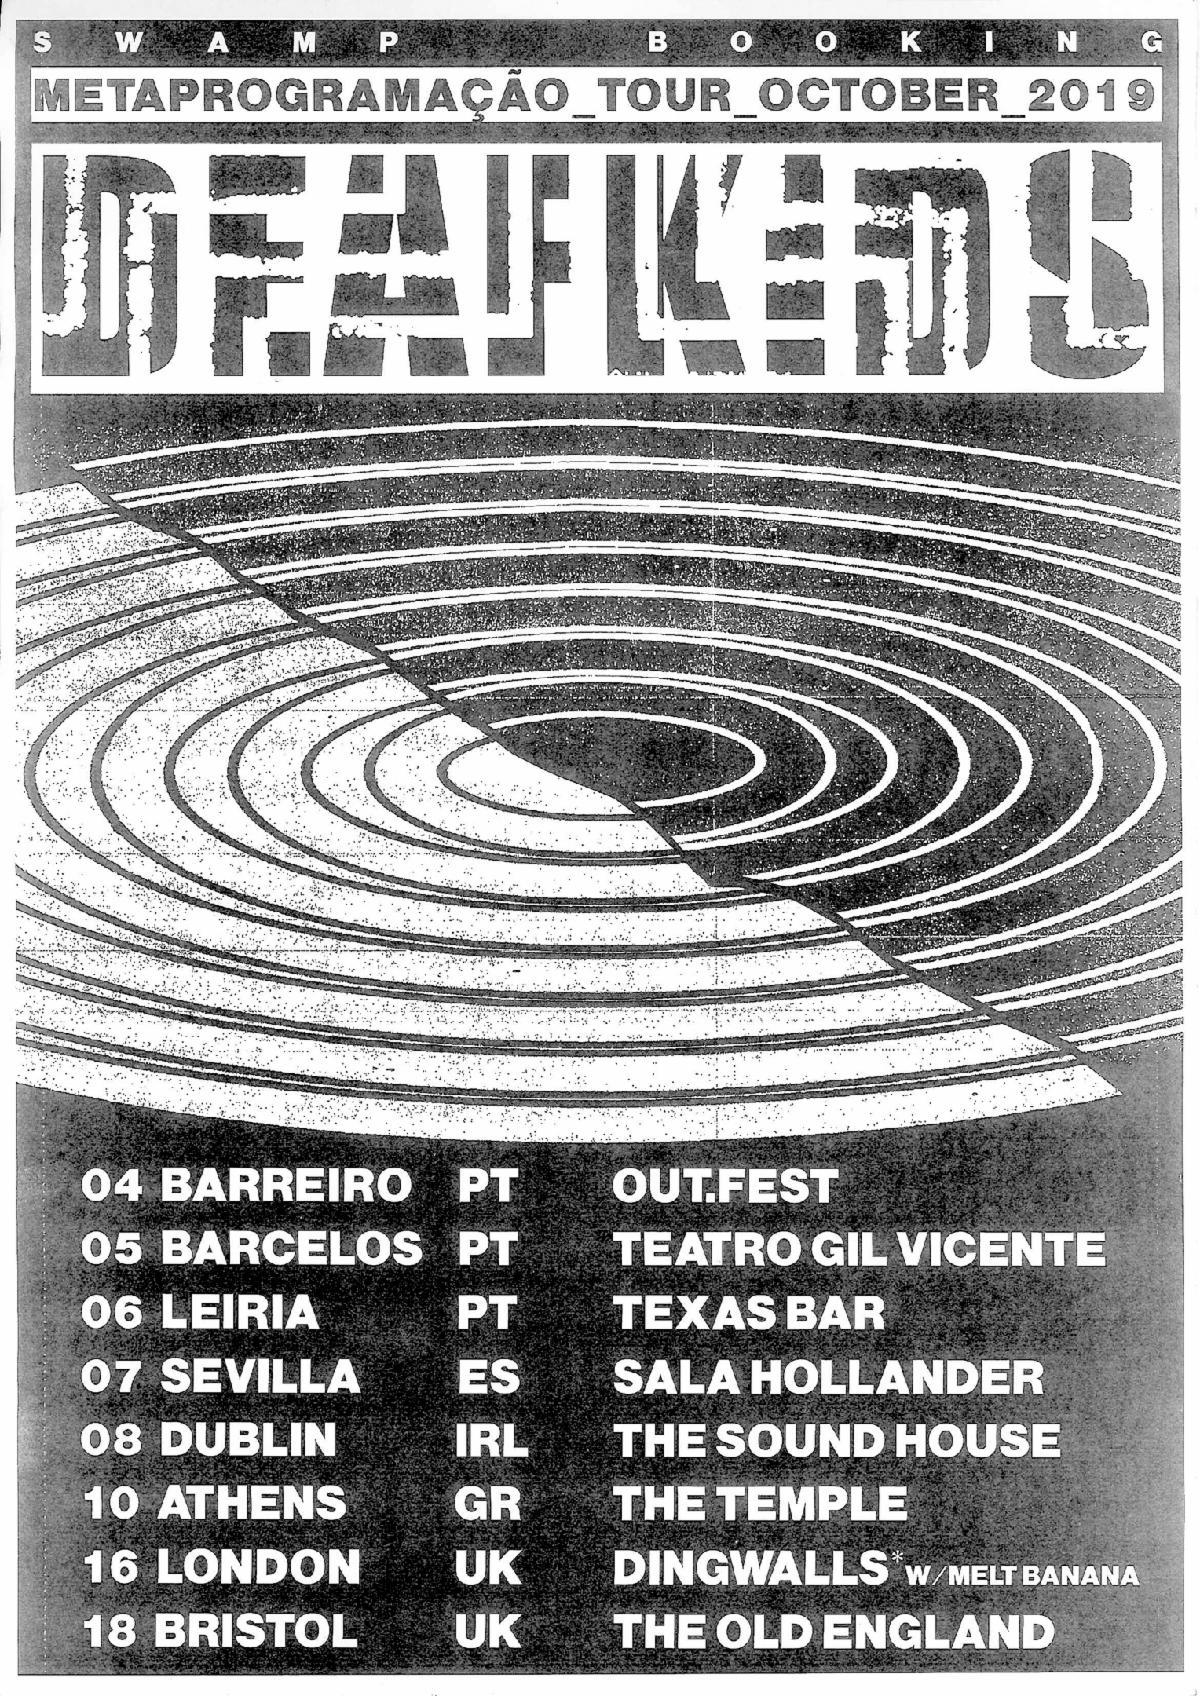 deafkids uk eu touring